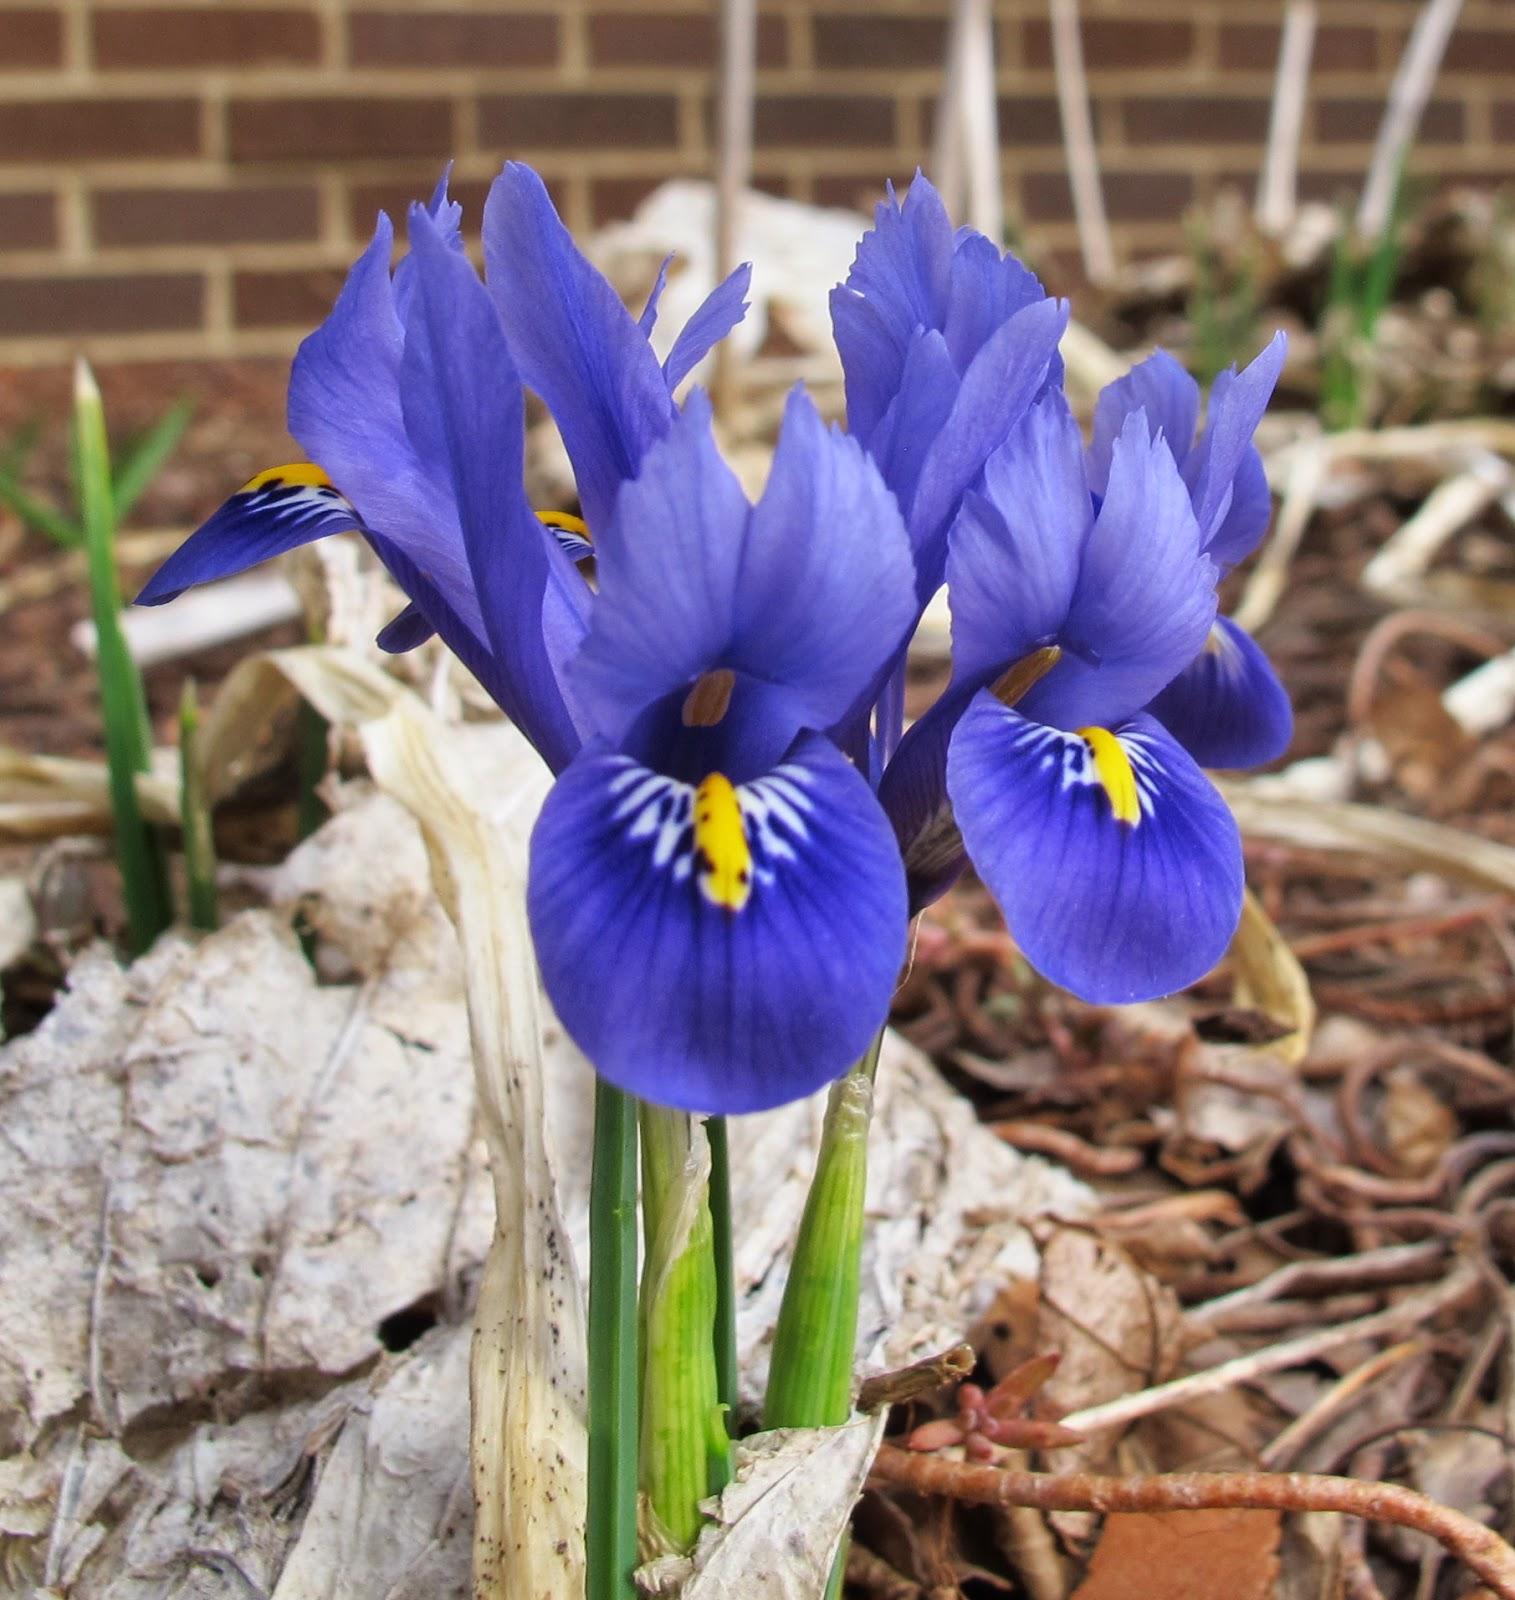 iris reticulata iris reticulata harmony iris reticulata. Black Bedroom Furniture Sets. Home Design Ideas